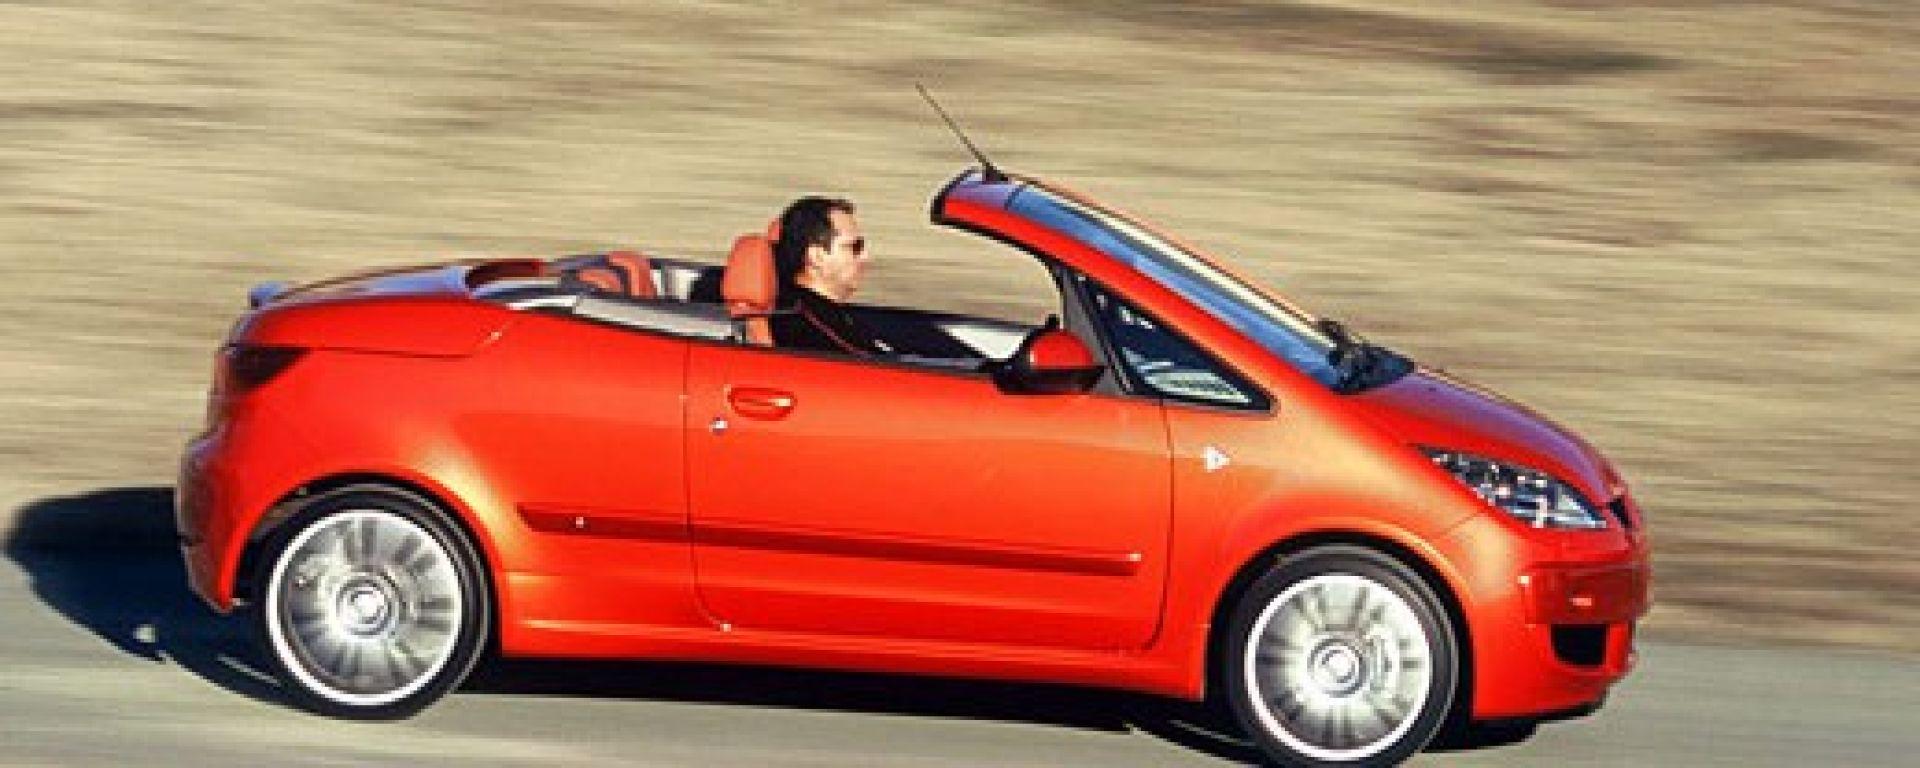 Mitsubishi Colt coupé-cabriolet